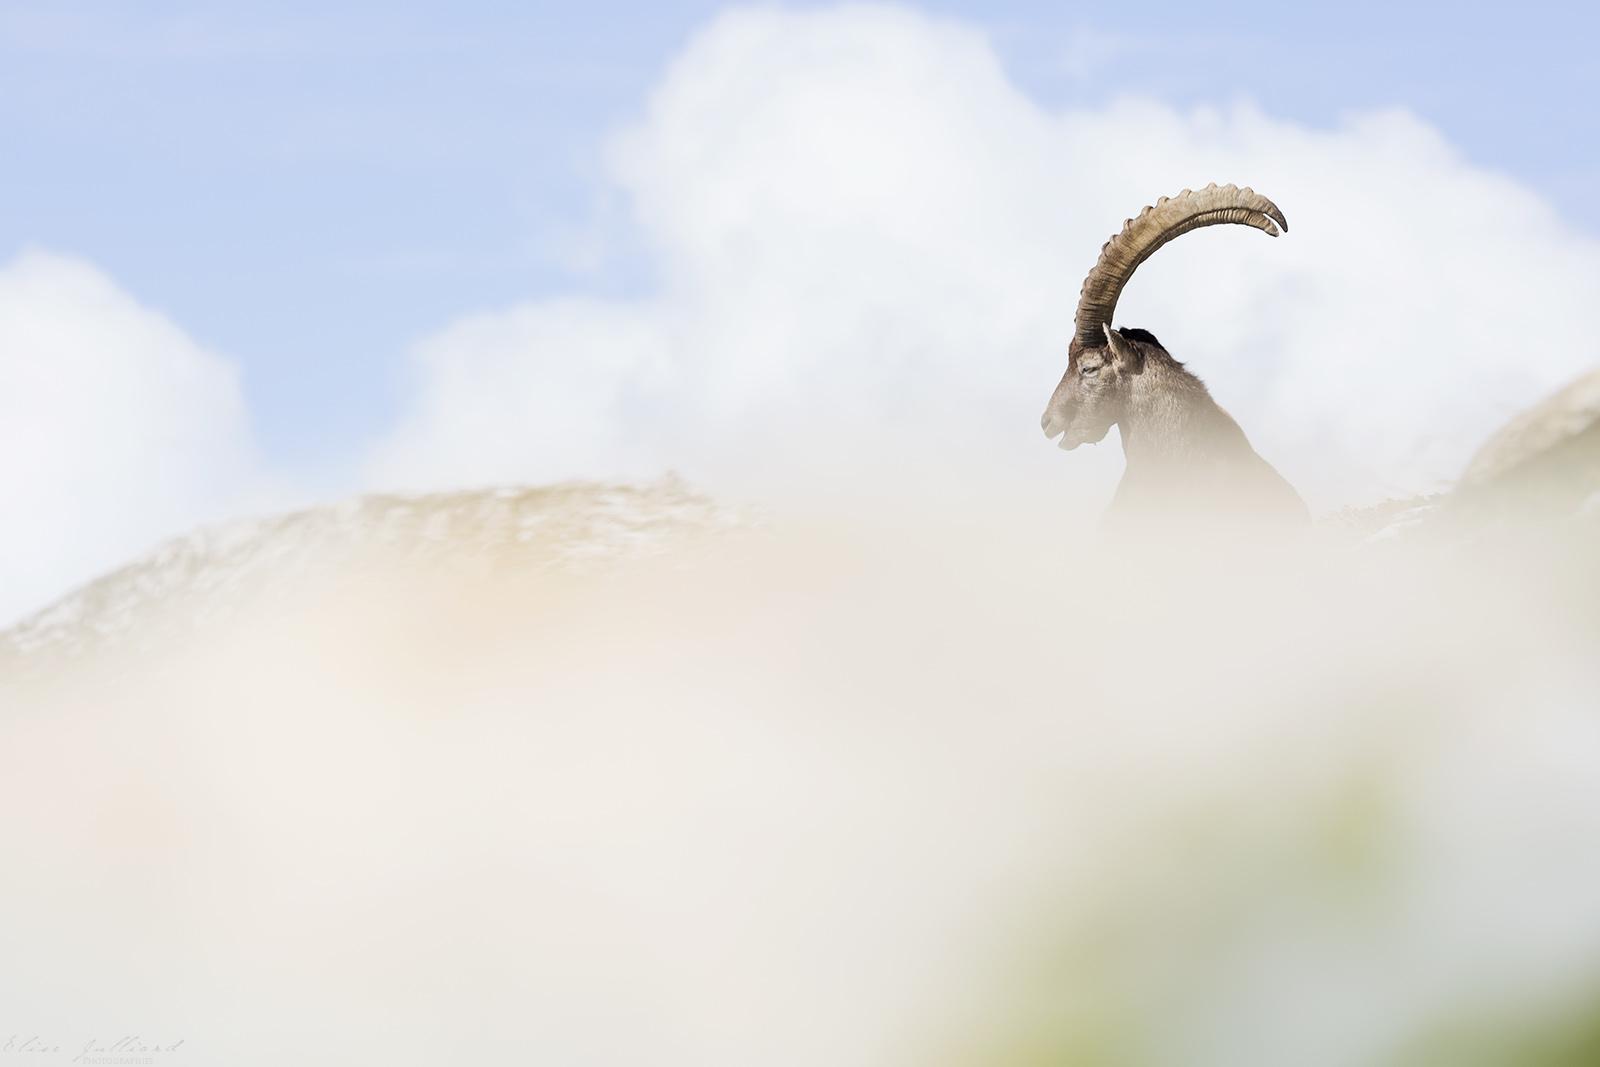 bouquetin-des-alpes-savoie-tarentaise-pralognan-la-vanoise-animal-montagne-neige-parc-national-elise-julliard-photographe-auvergne-rhone-alpes